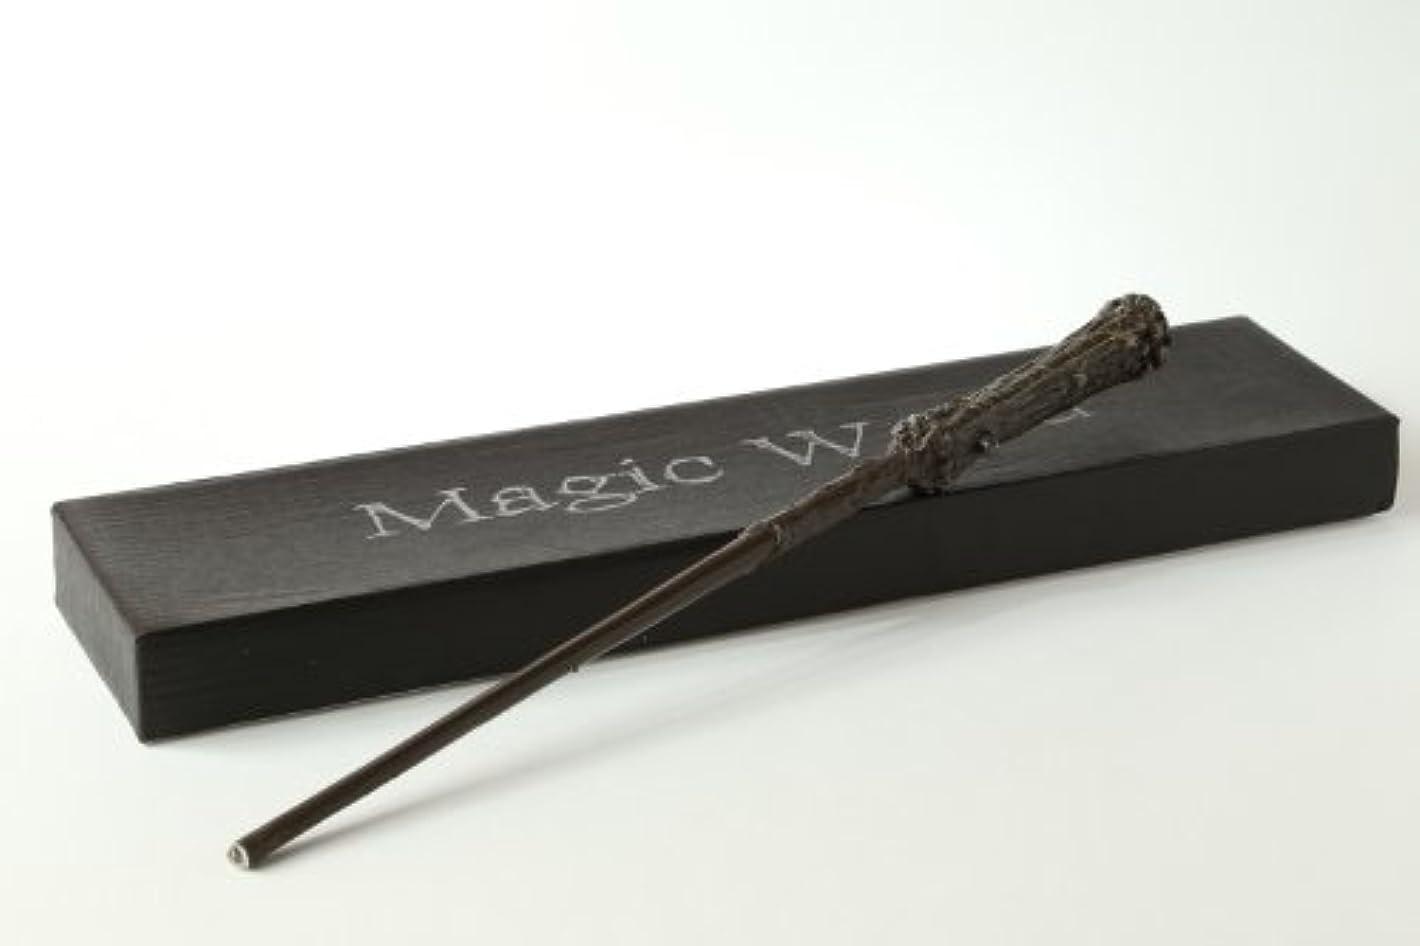 滑りやすい支払い不十分なハリーポッター 光る 魔法の杖 コスチューム用小物 約30cm 並行輸入品